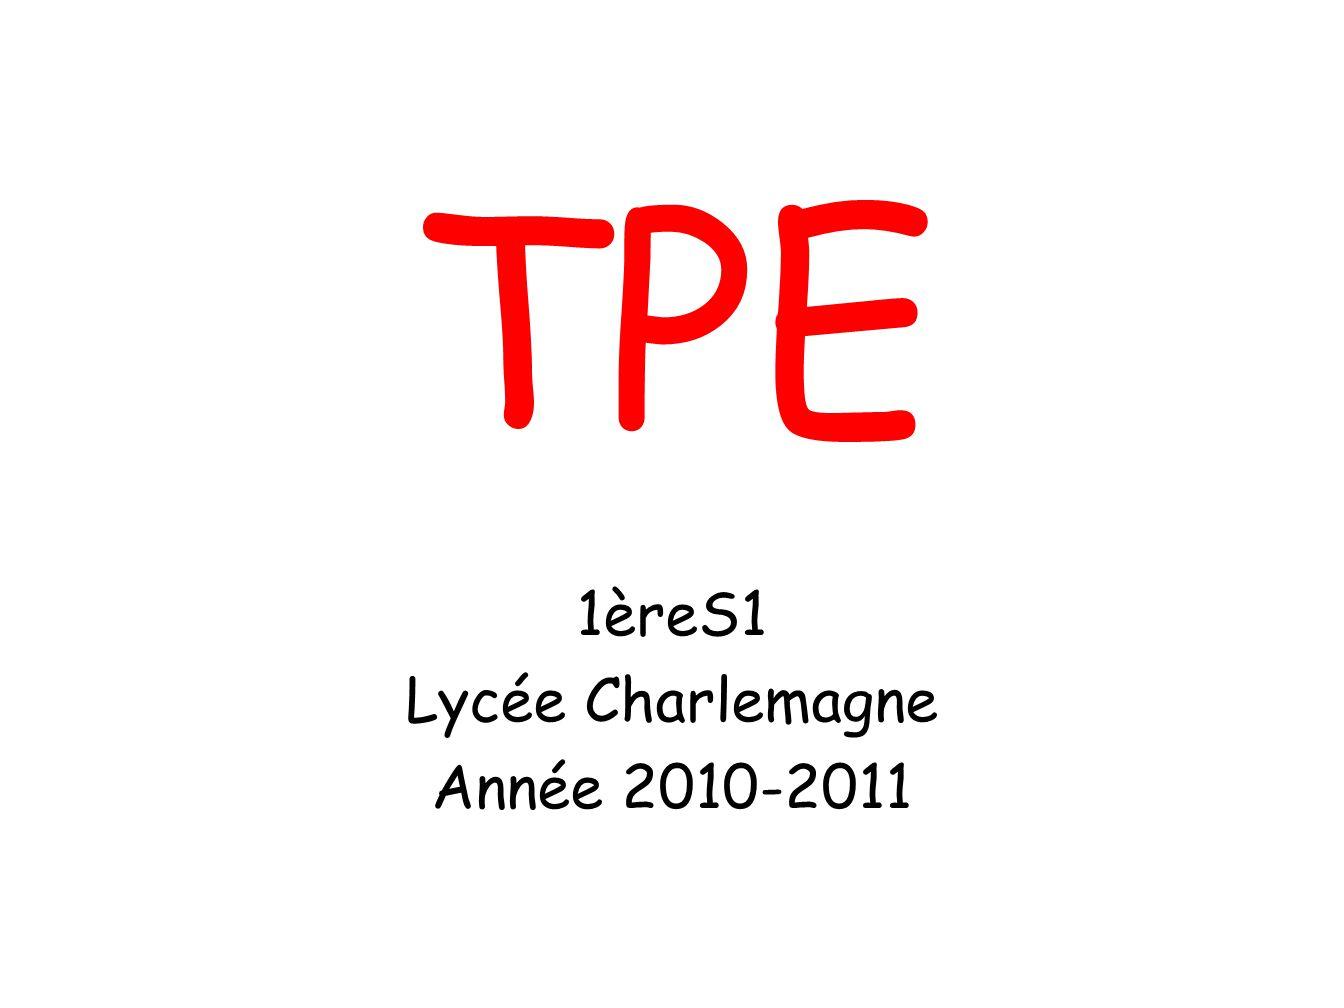 1èreS1 Lycée Charlemagne Année 2010-2011